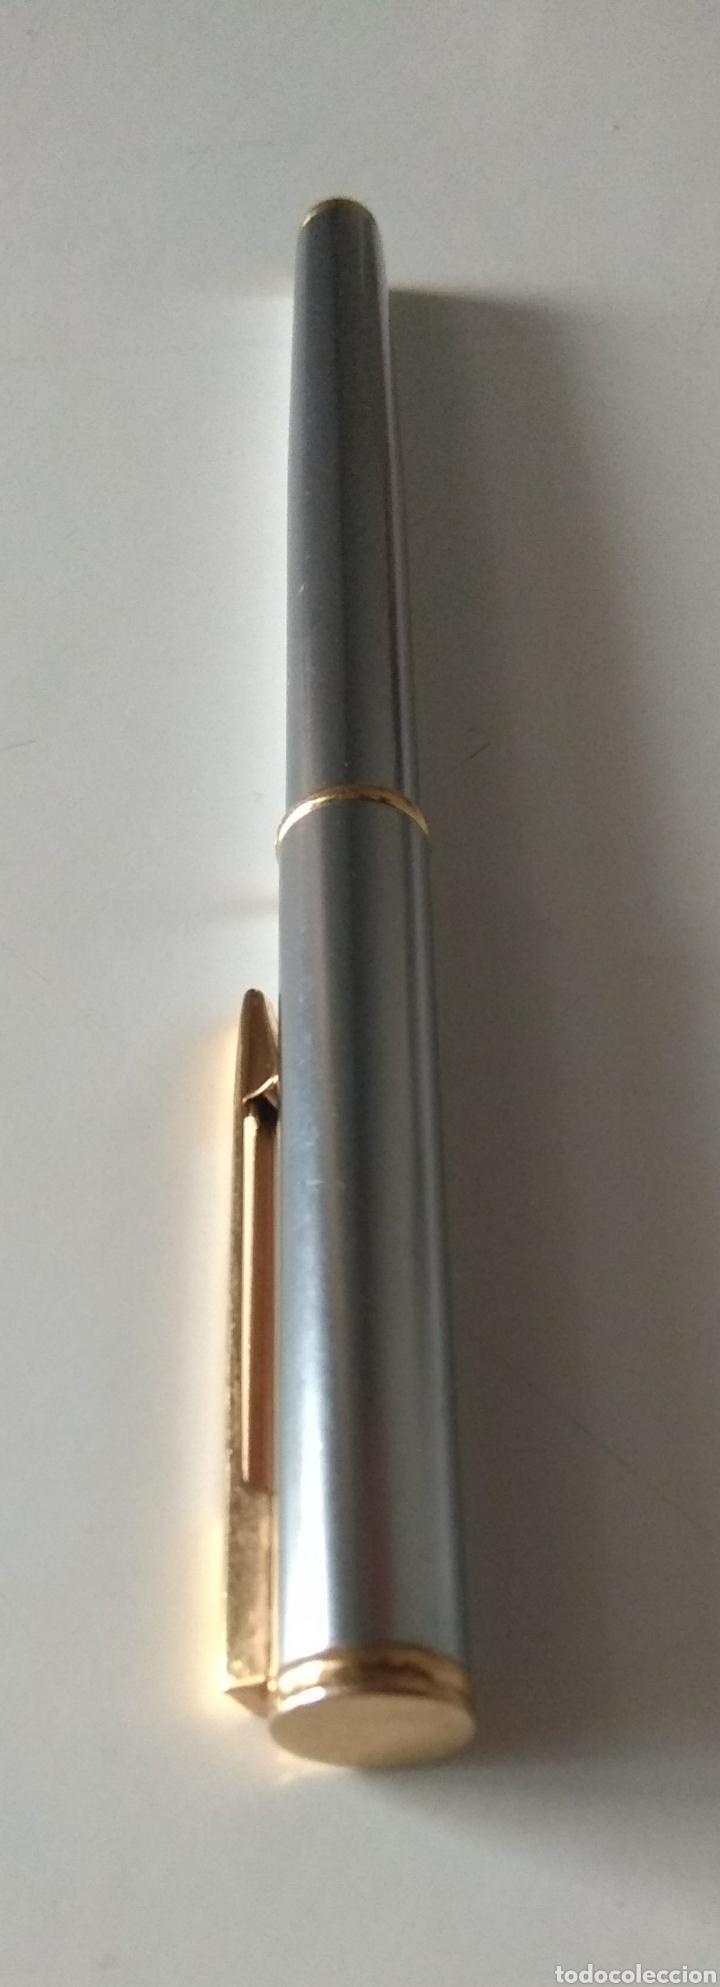 Plumas estilográficas antiguas: Pluma fountain pen waterman - Foto 7 - 143767144